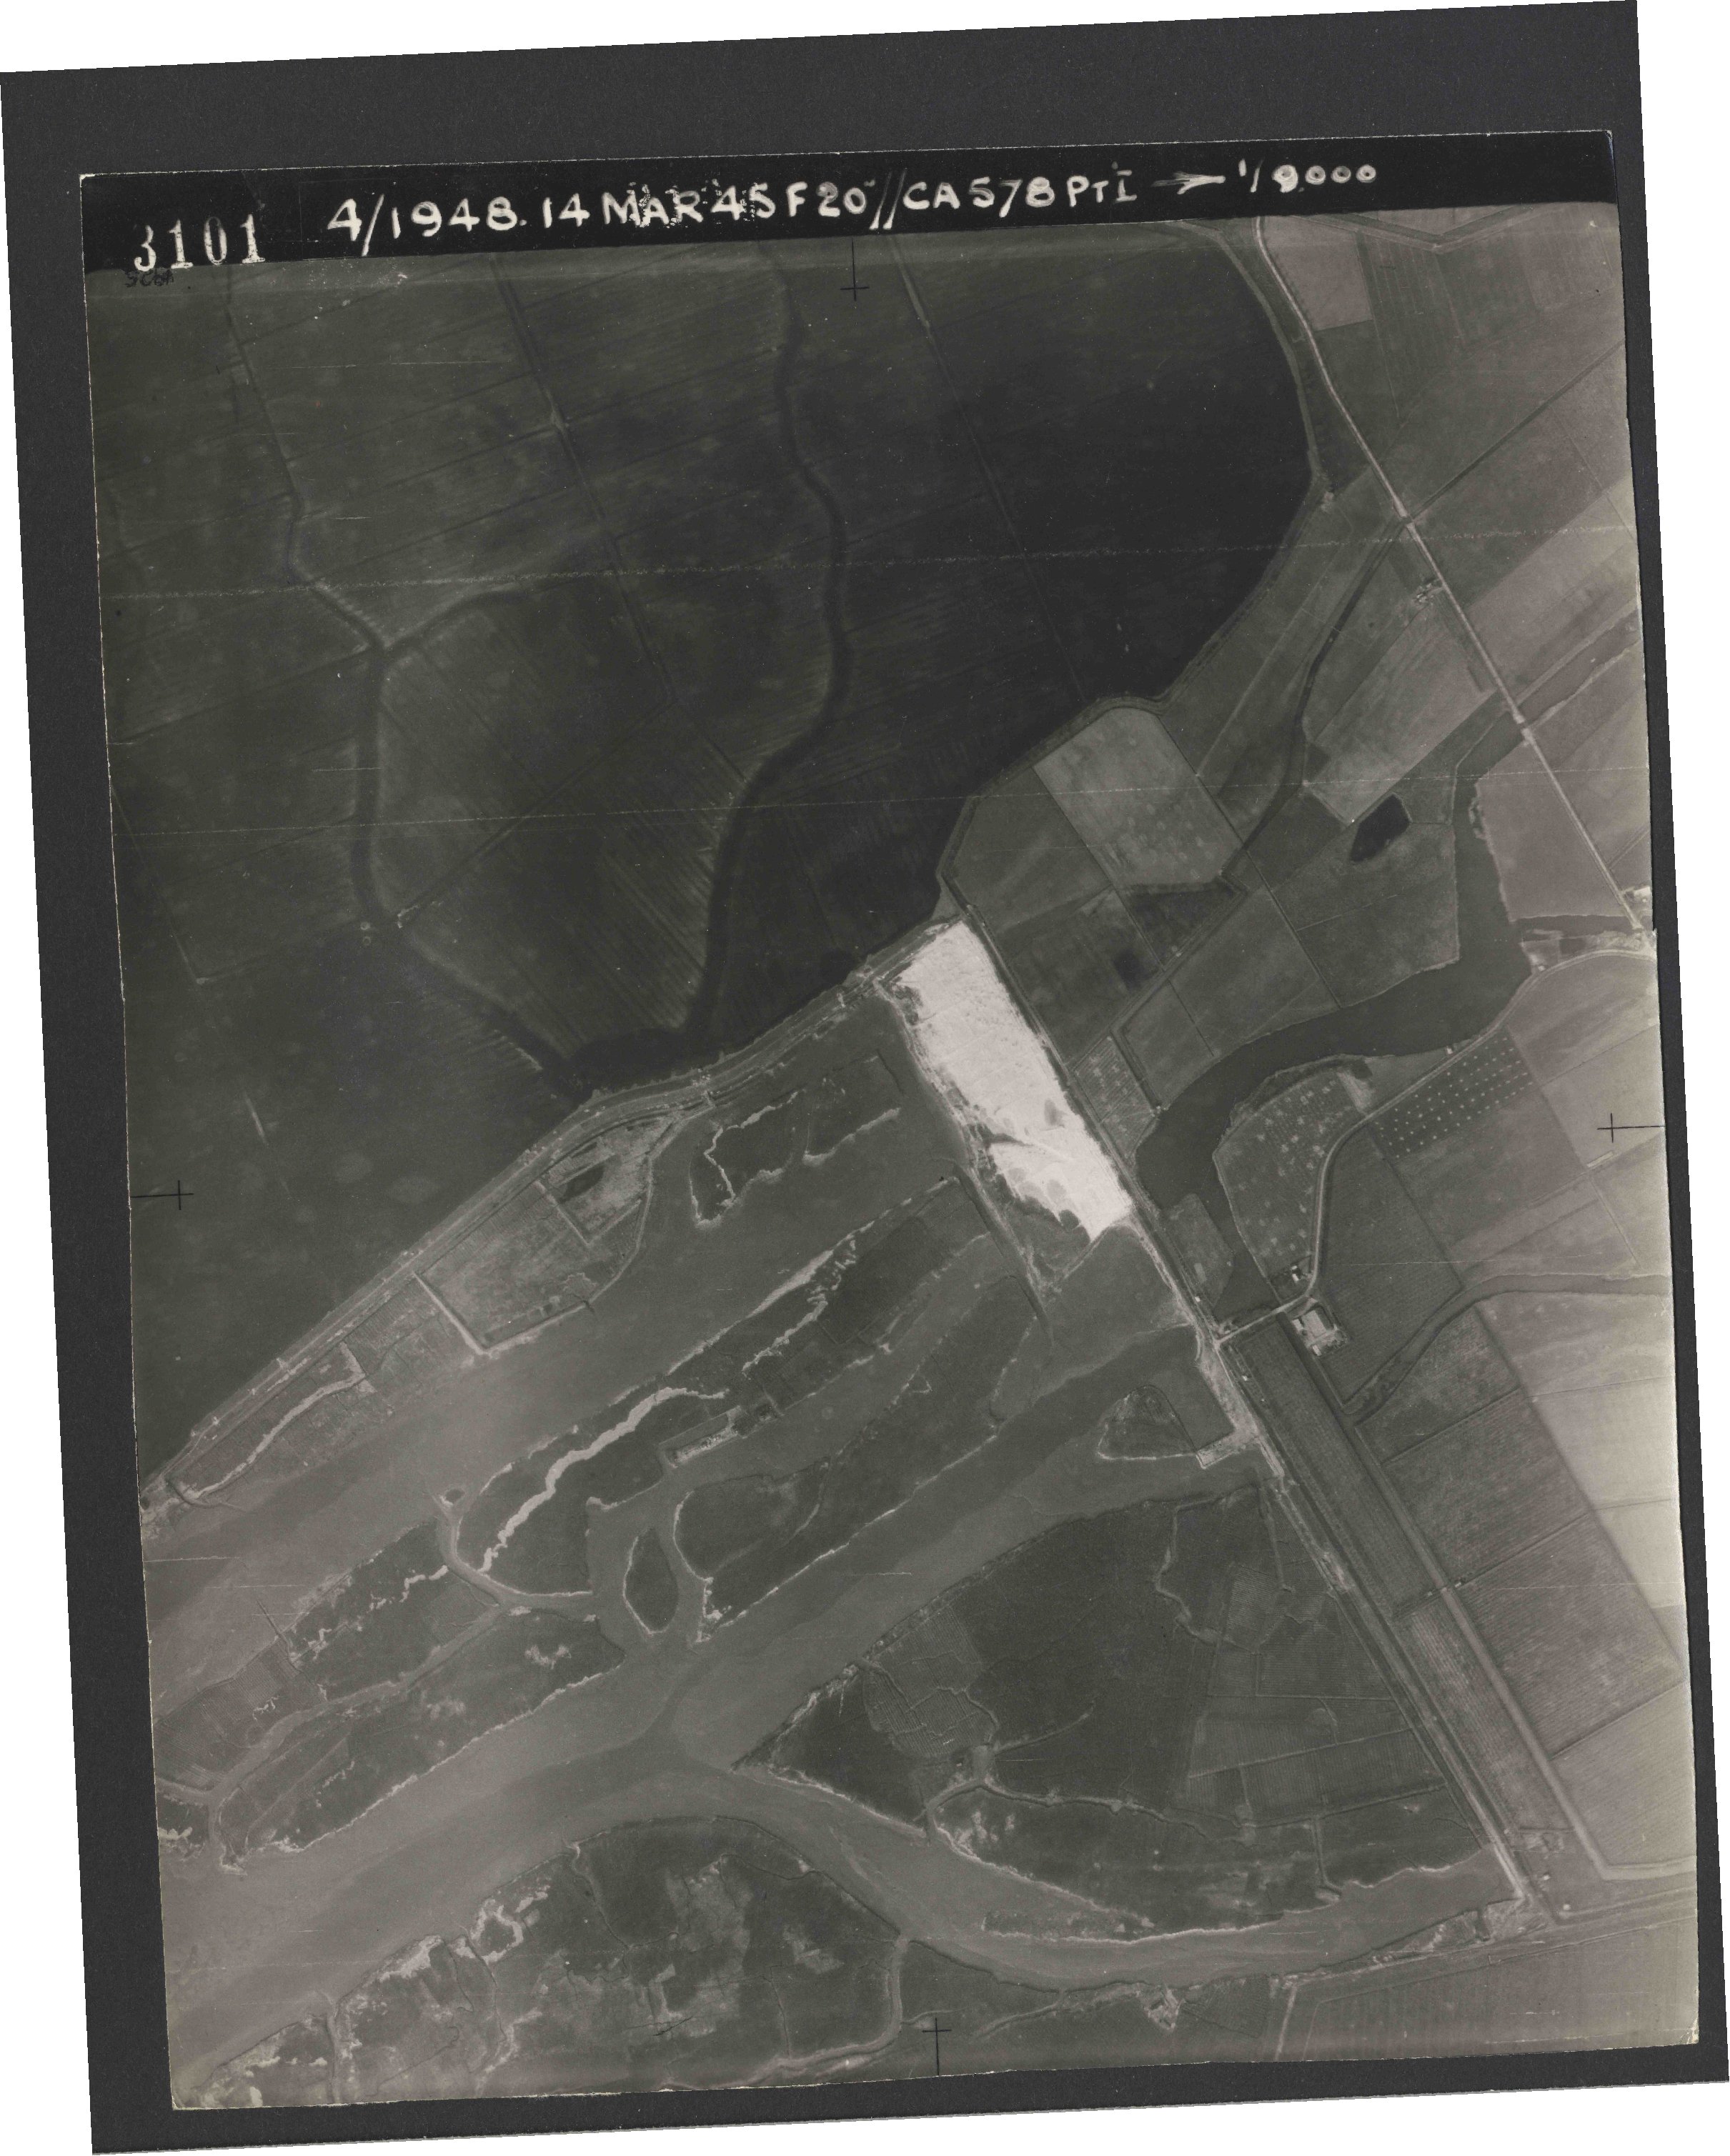 Collection RAF aerial photos 1940-1945 - flight 095, run 02, photo 3101